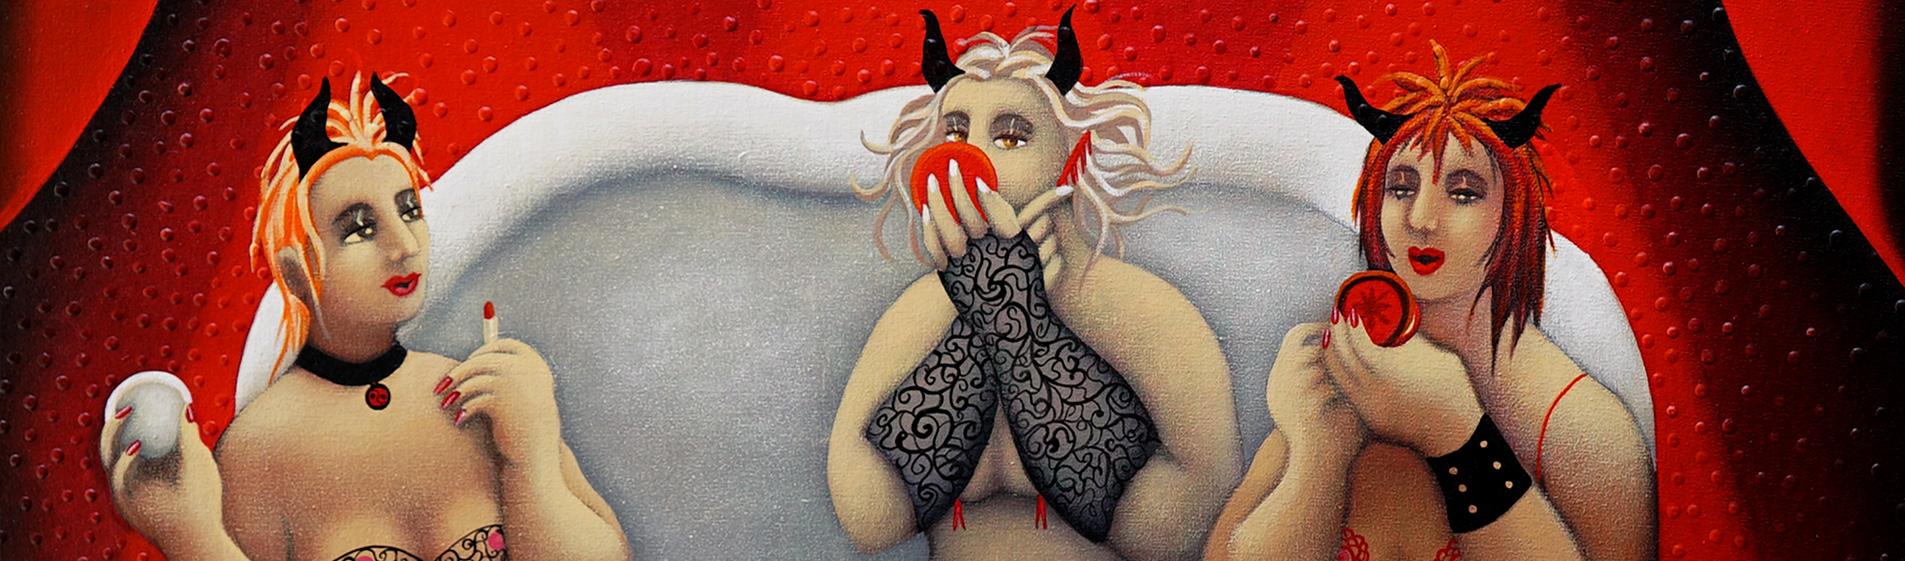 Concubinas del Diablo